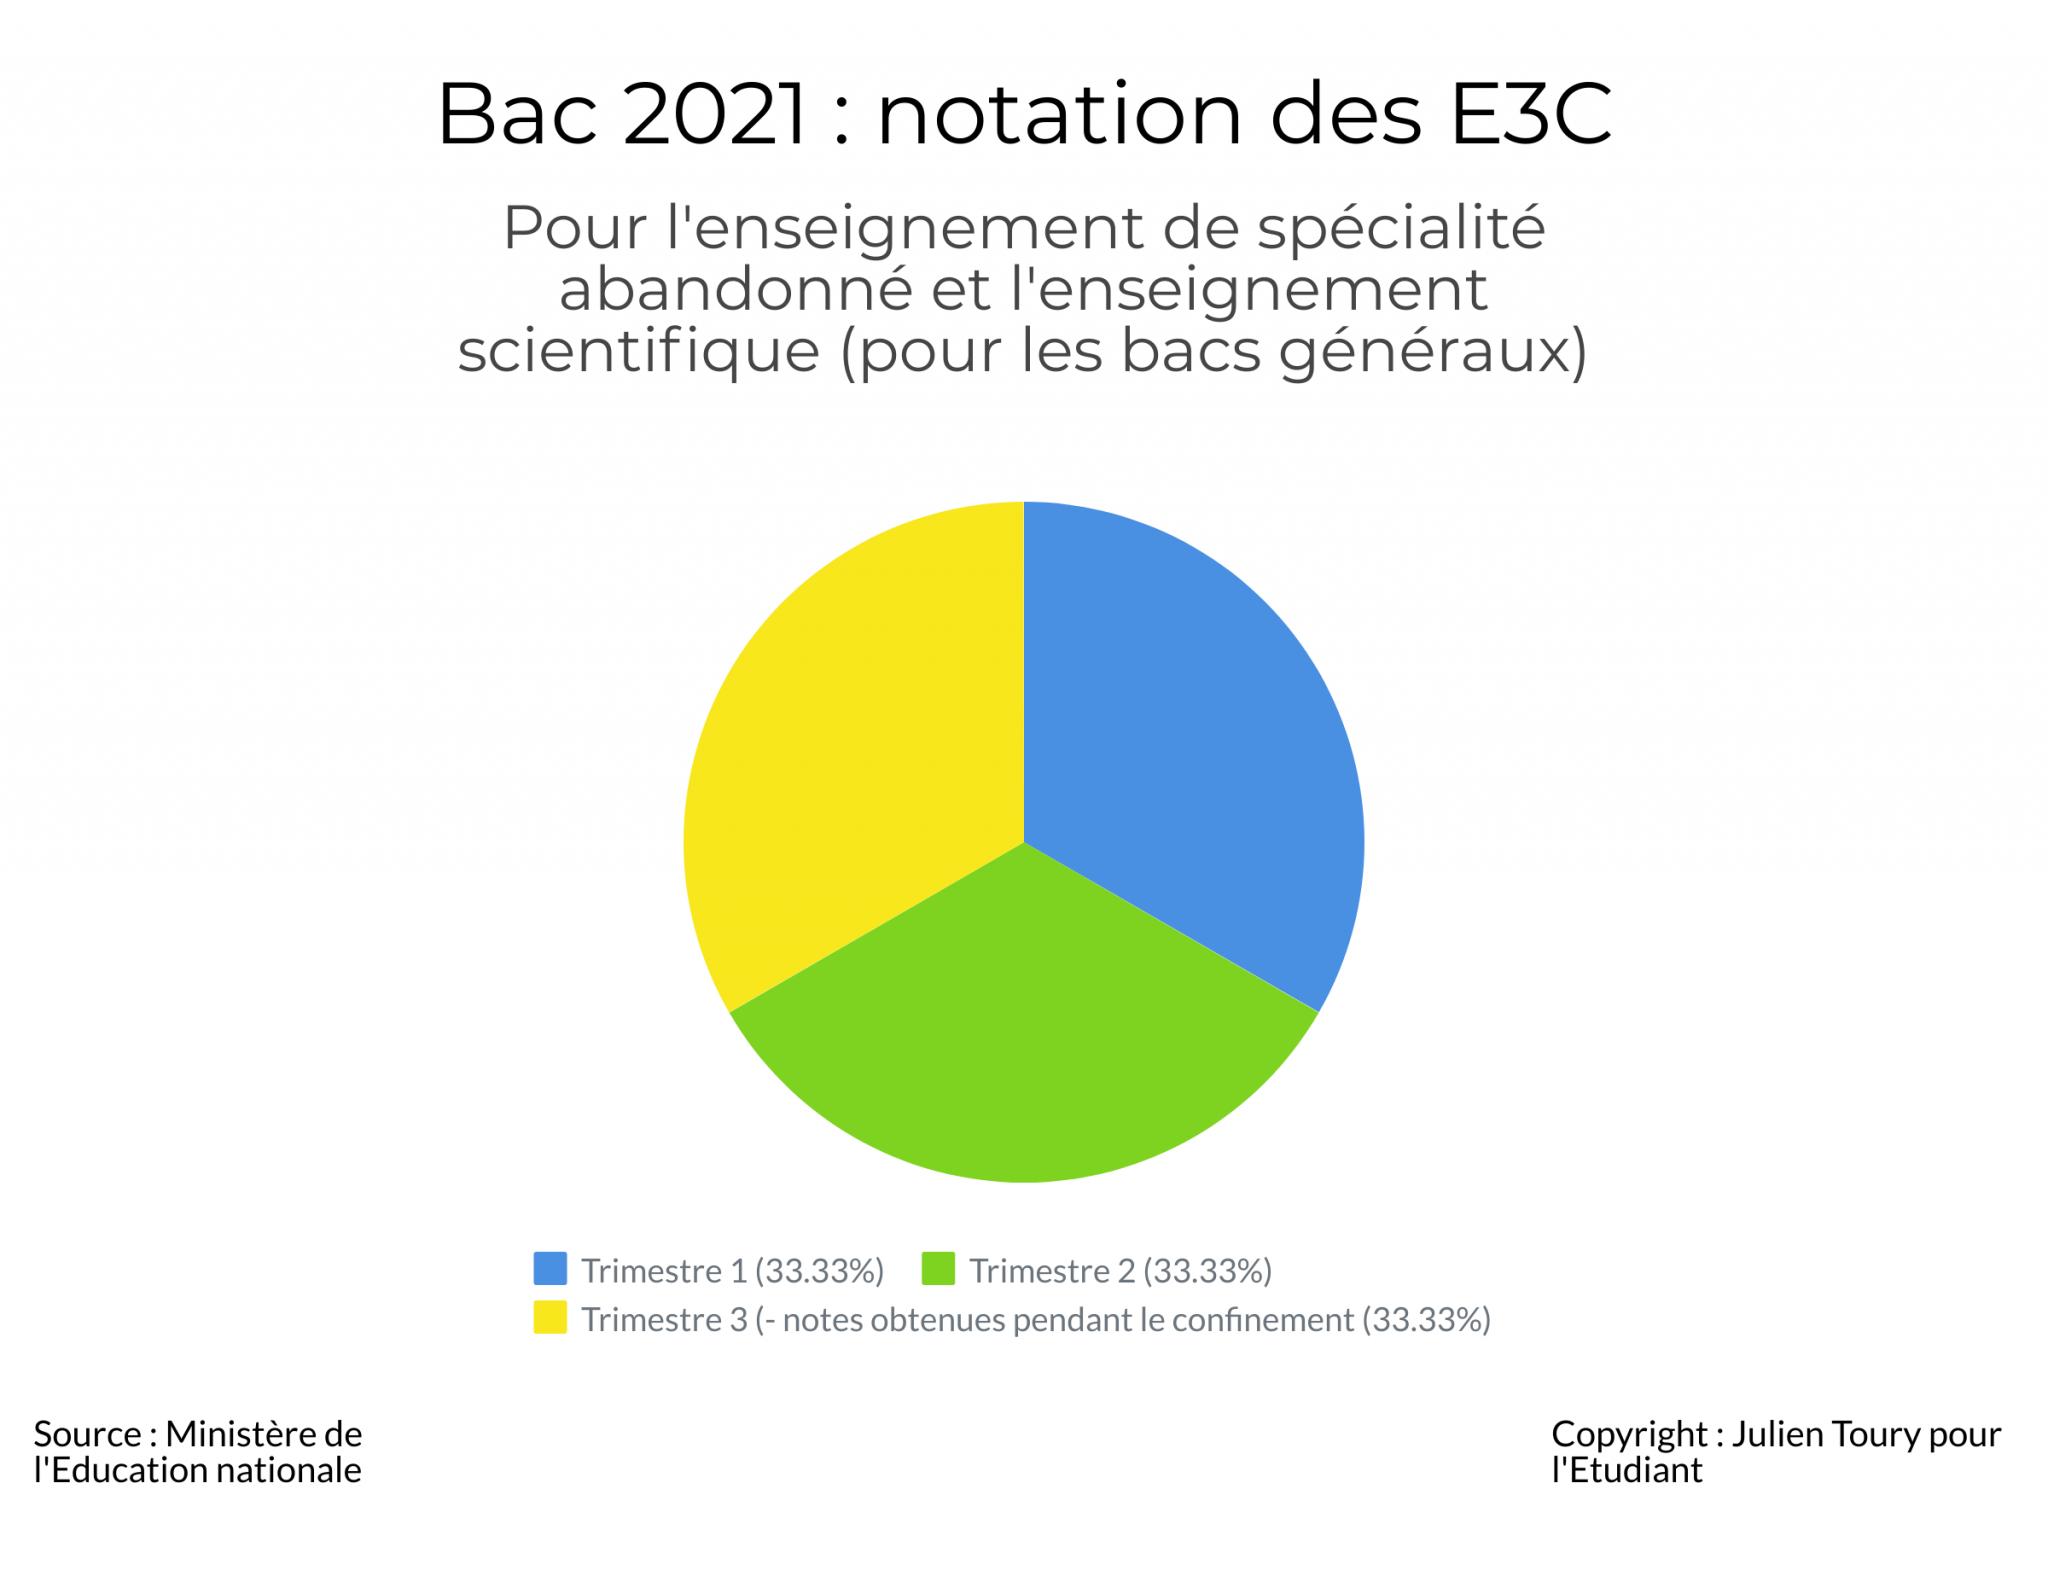 Notation des E3C 2